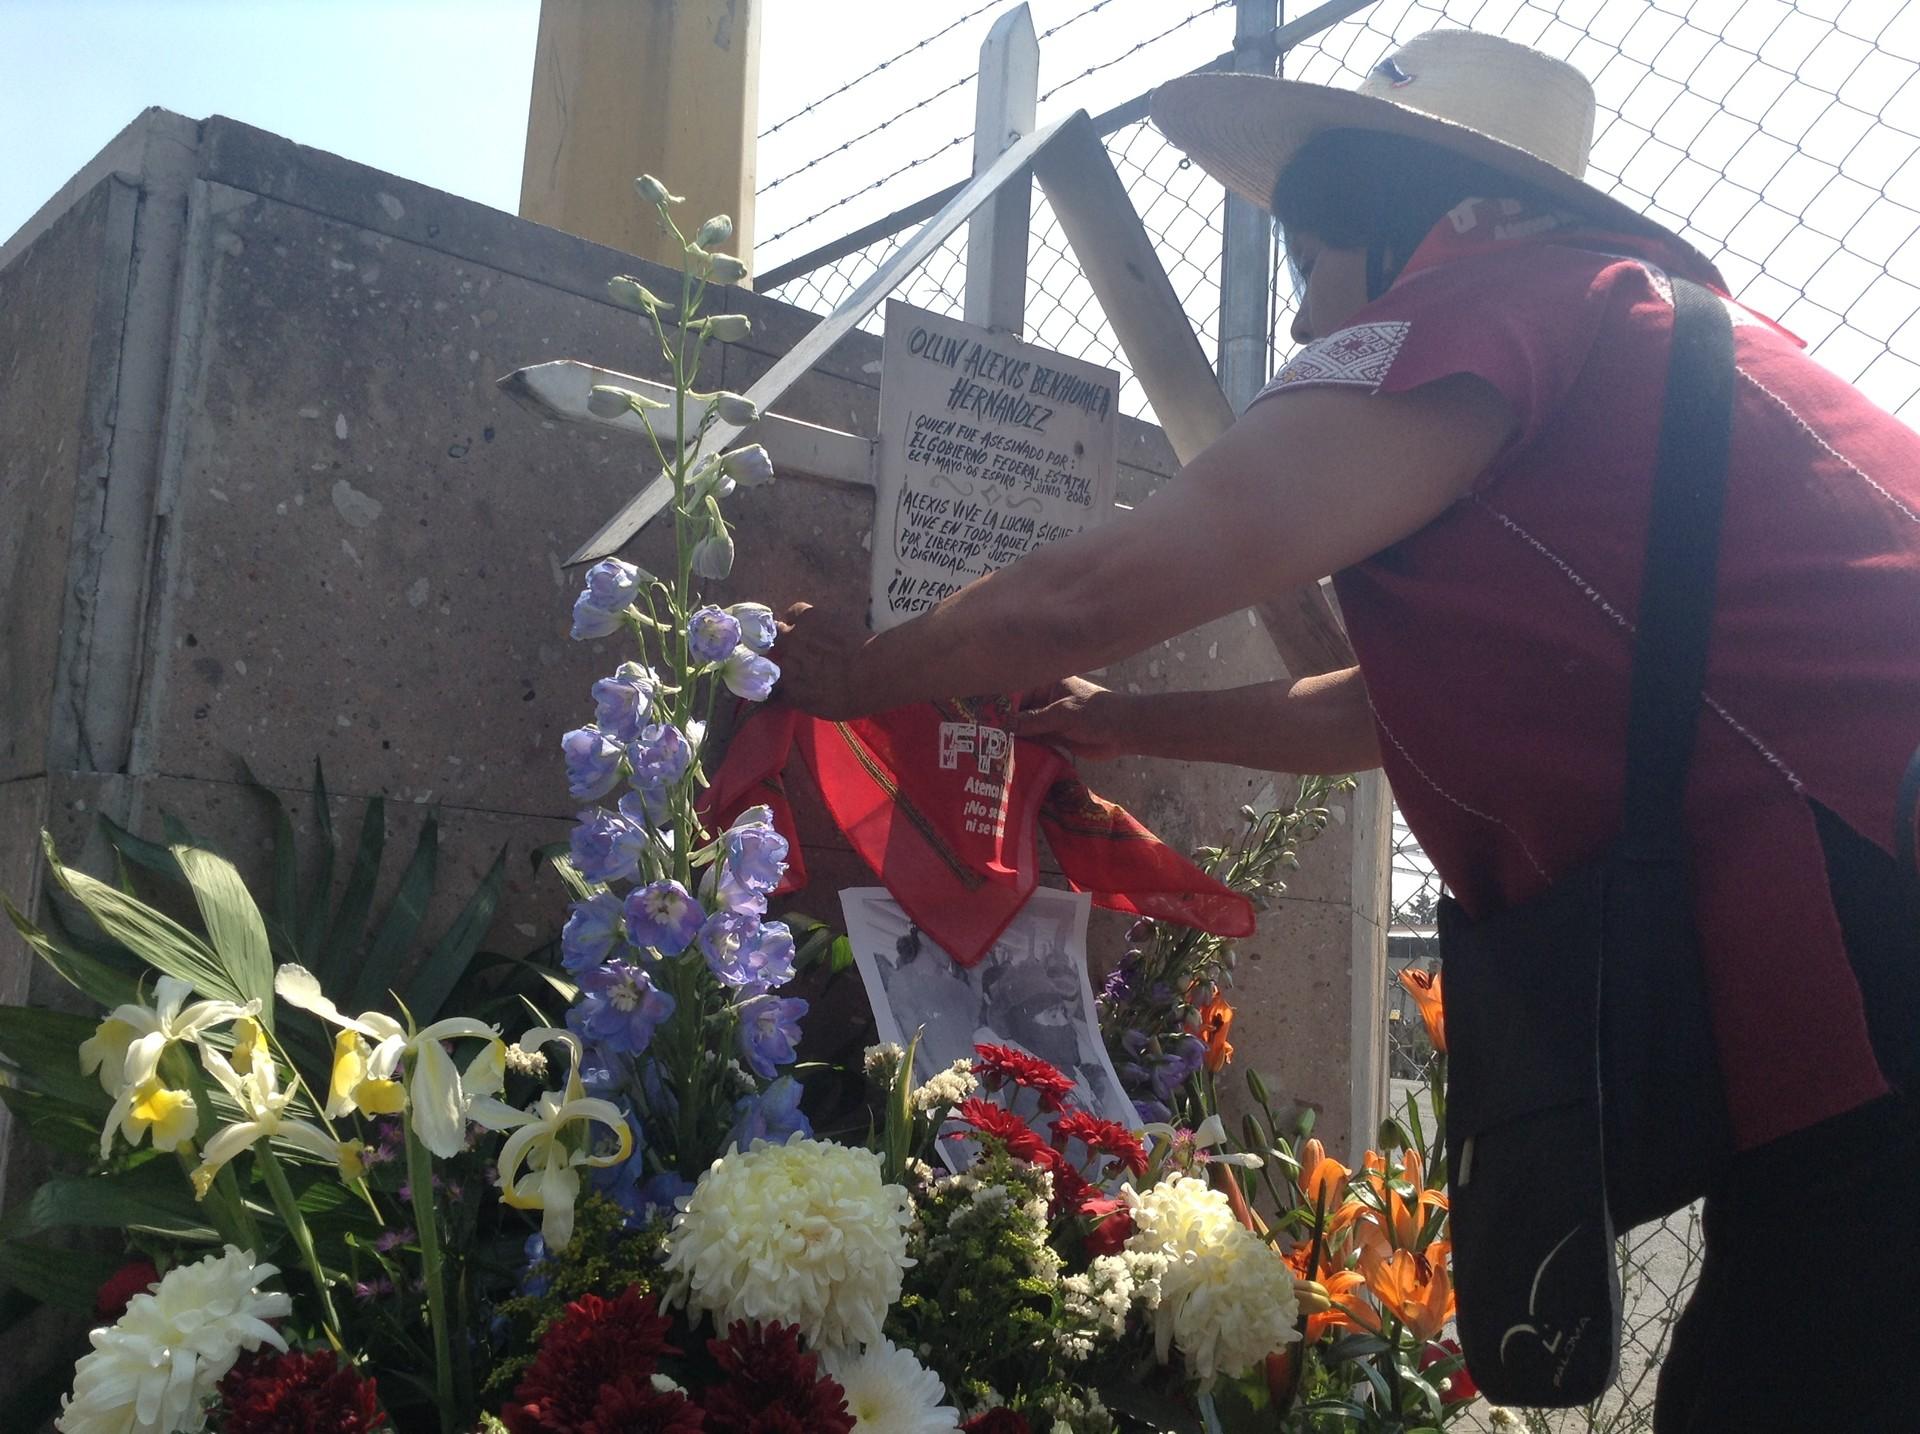 Ofrenda a Alexis Benhumea, estudiante asesinado por una bala policial en Atenco en 2006